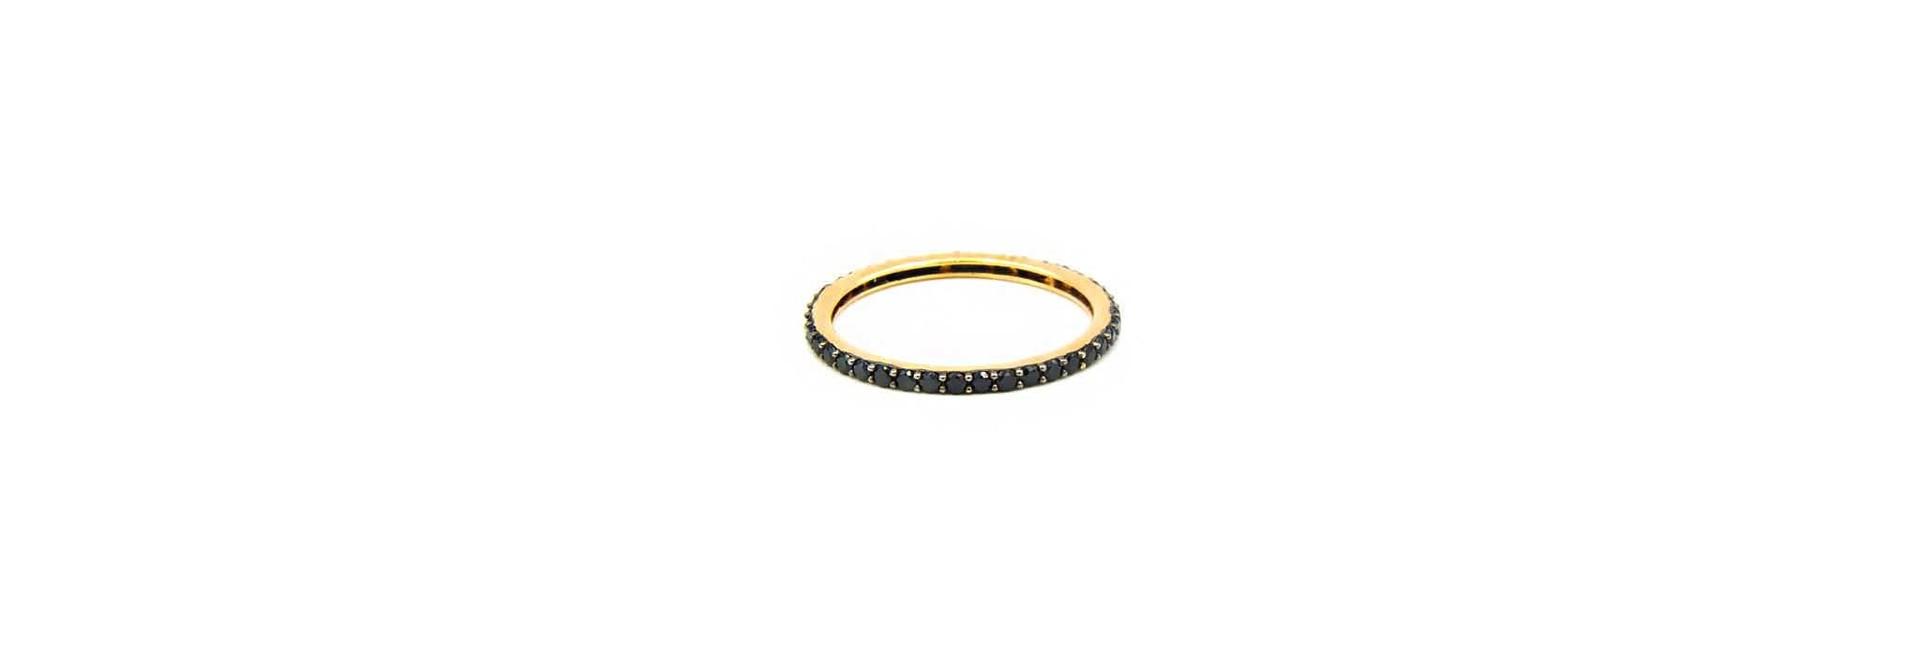 Ring volledig ingelegd met zwarte zirkonia's